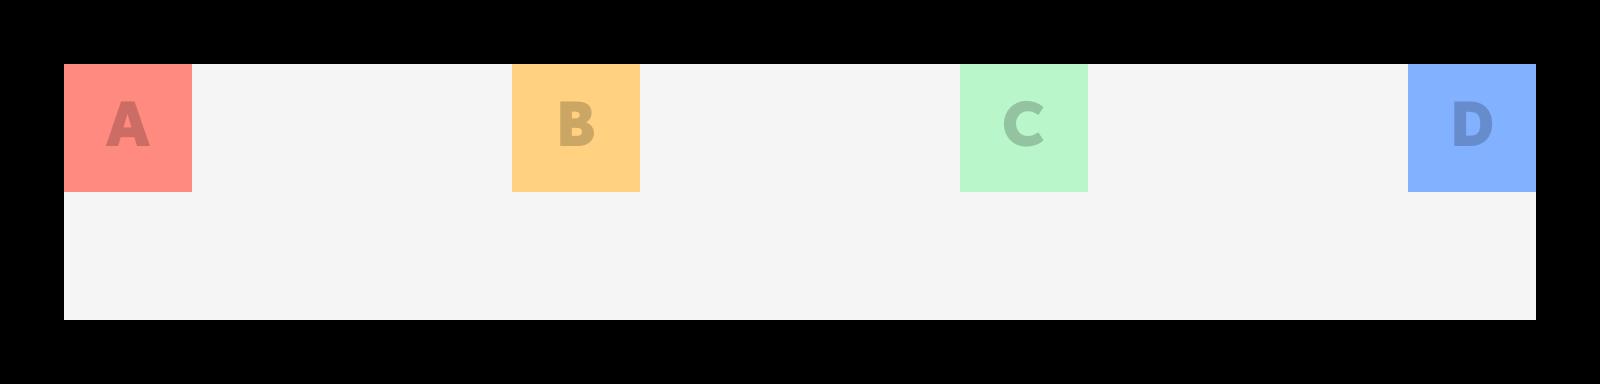 align<em>items</em>flex-start